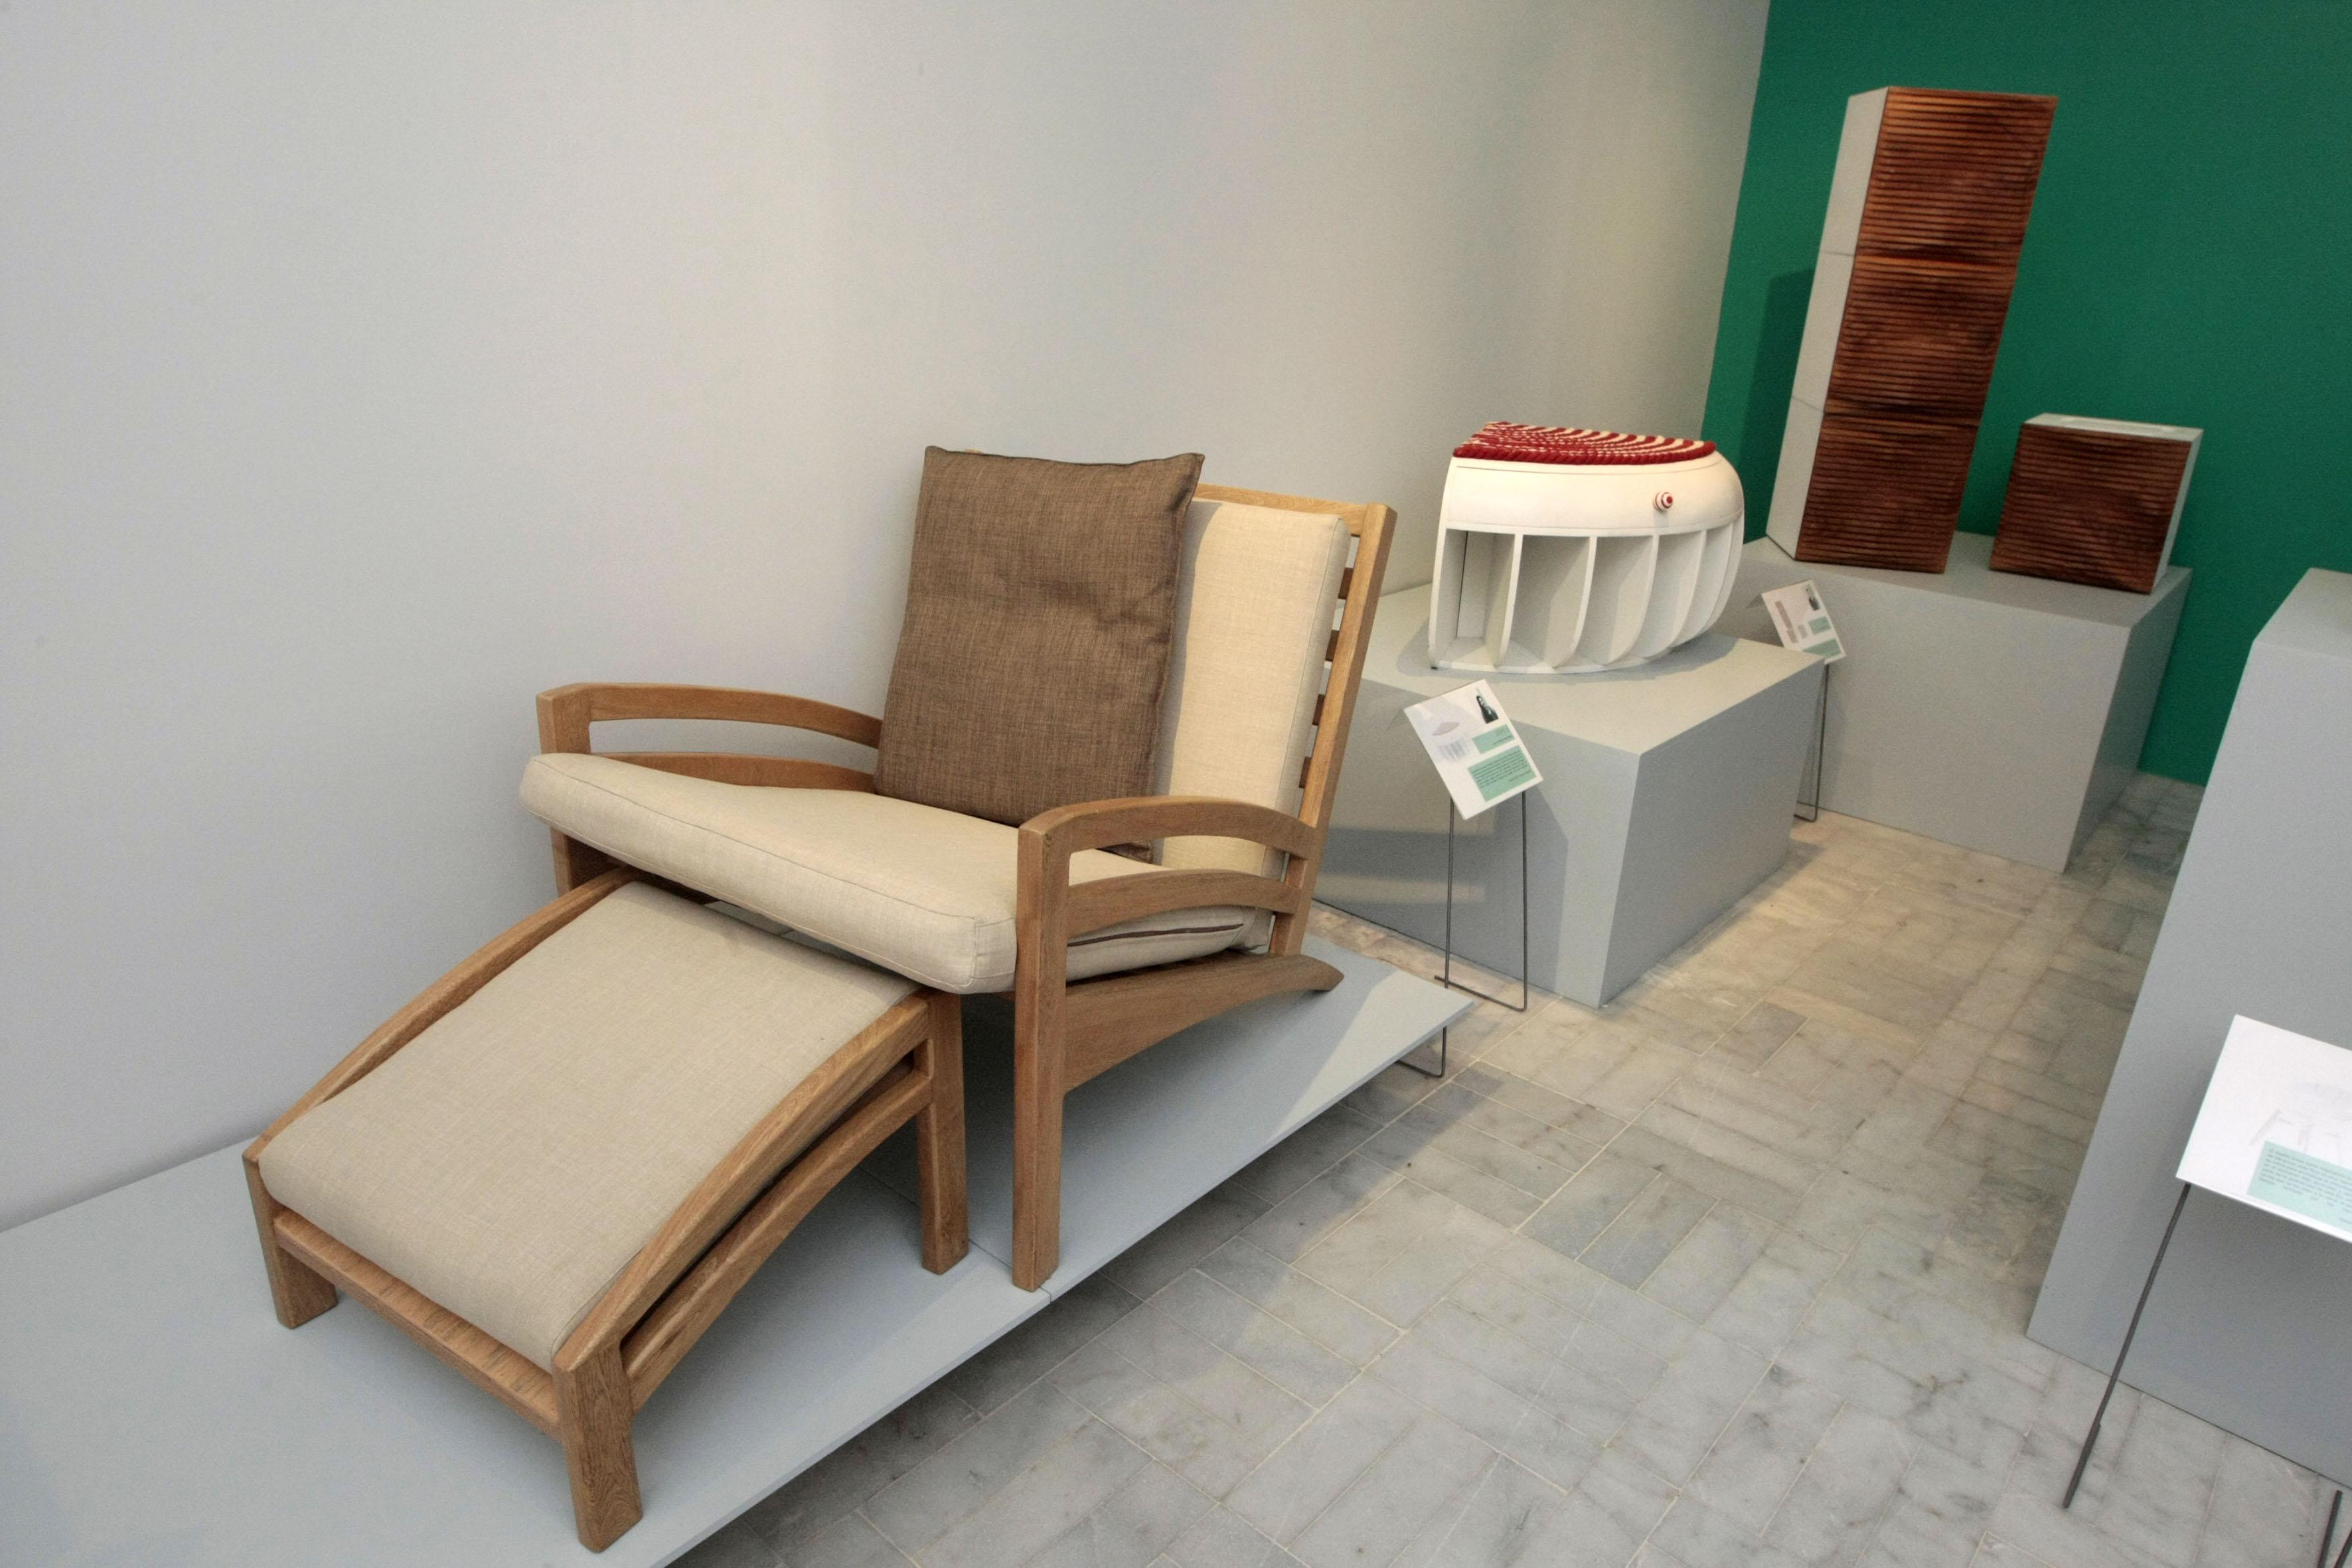 expondr n 21 proyectos de muebles contempor neos